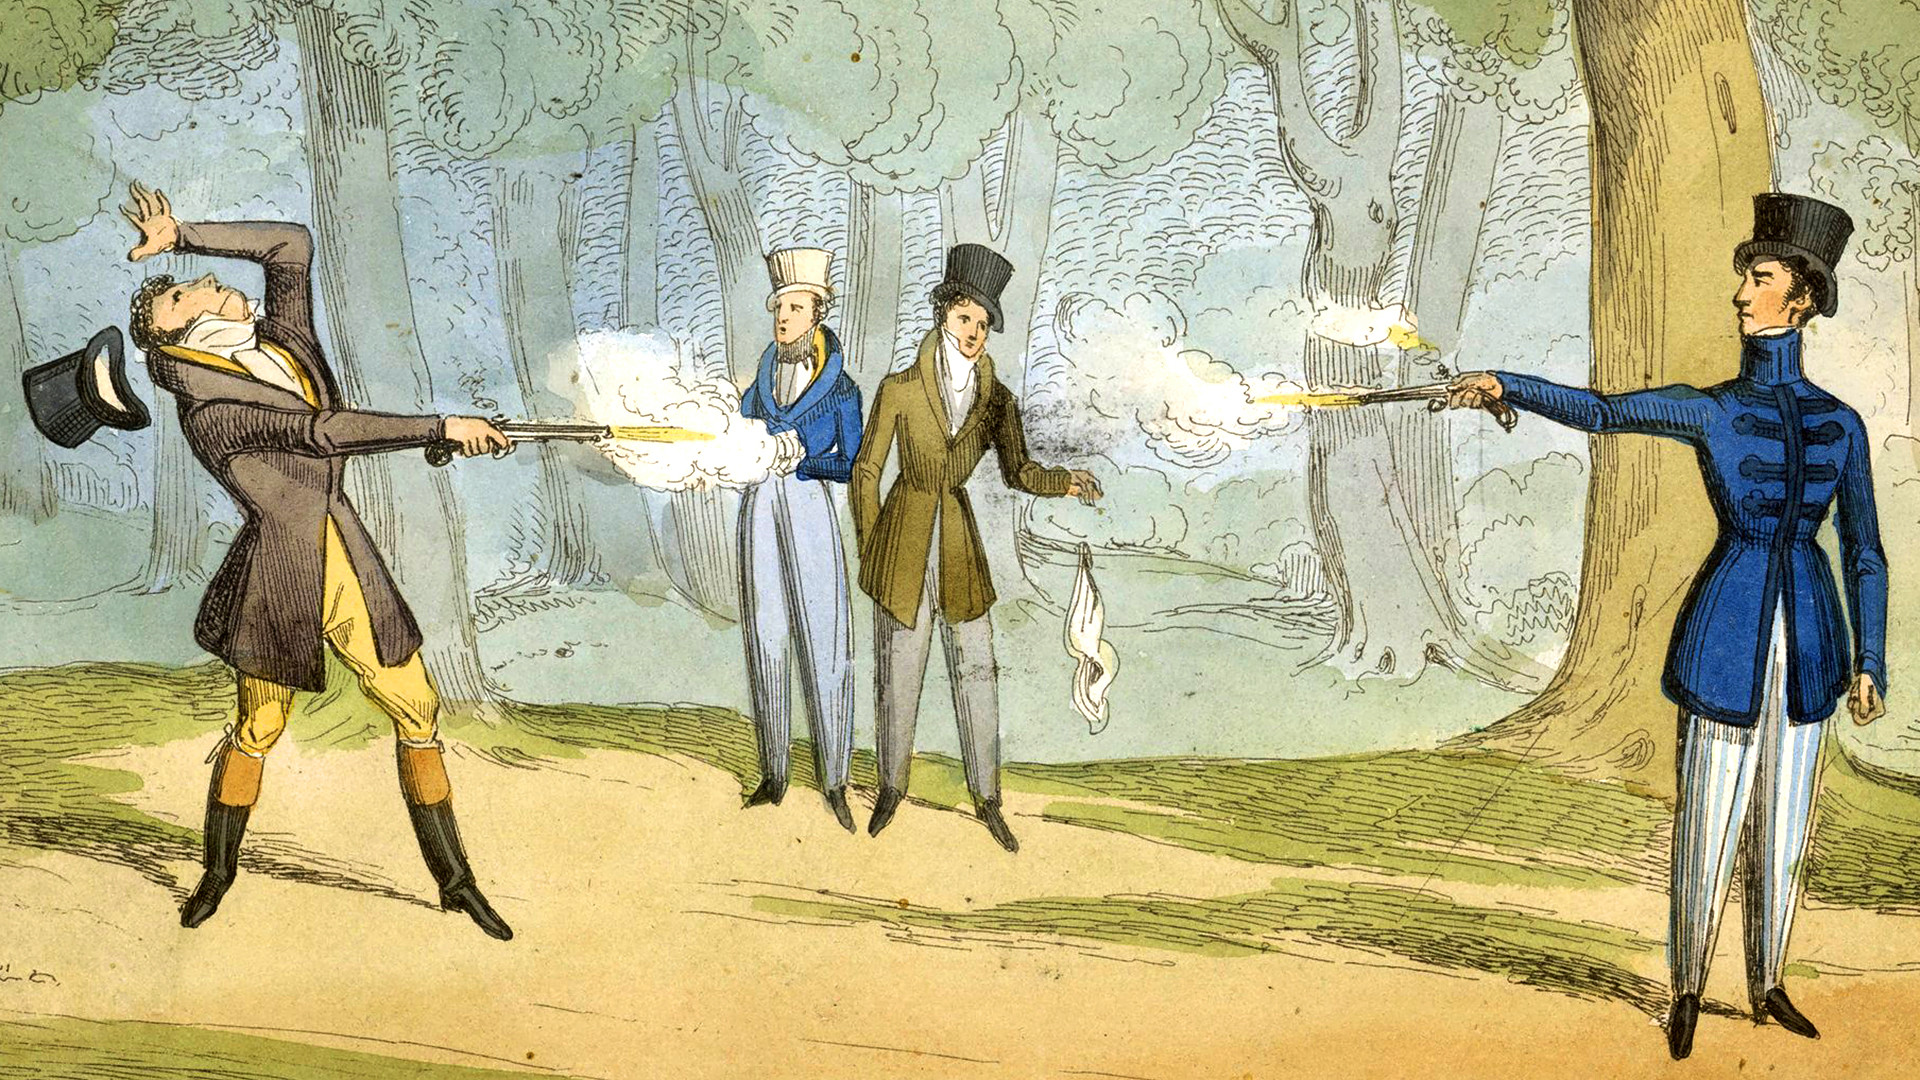 A distância tradicional entre os duelistas com pistolas na Rússia era menor que na Europa, e os russos podiam atirar a três passos.